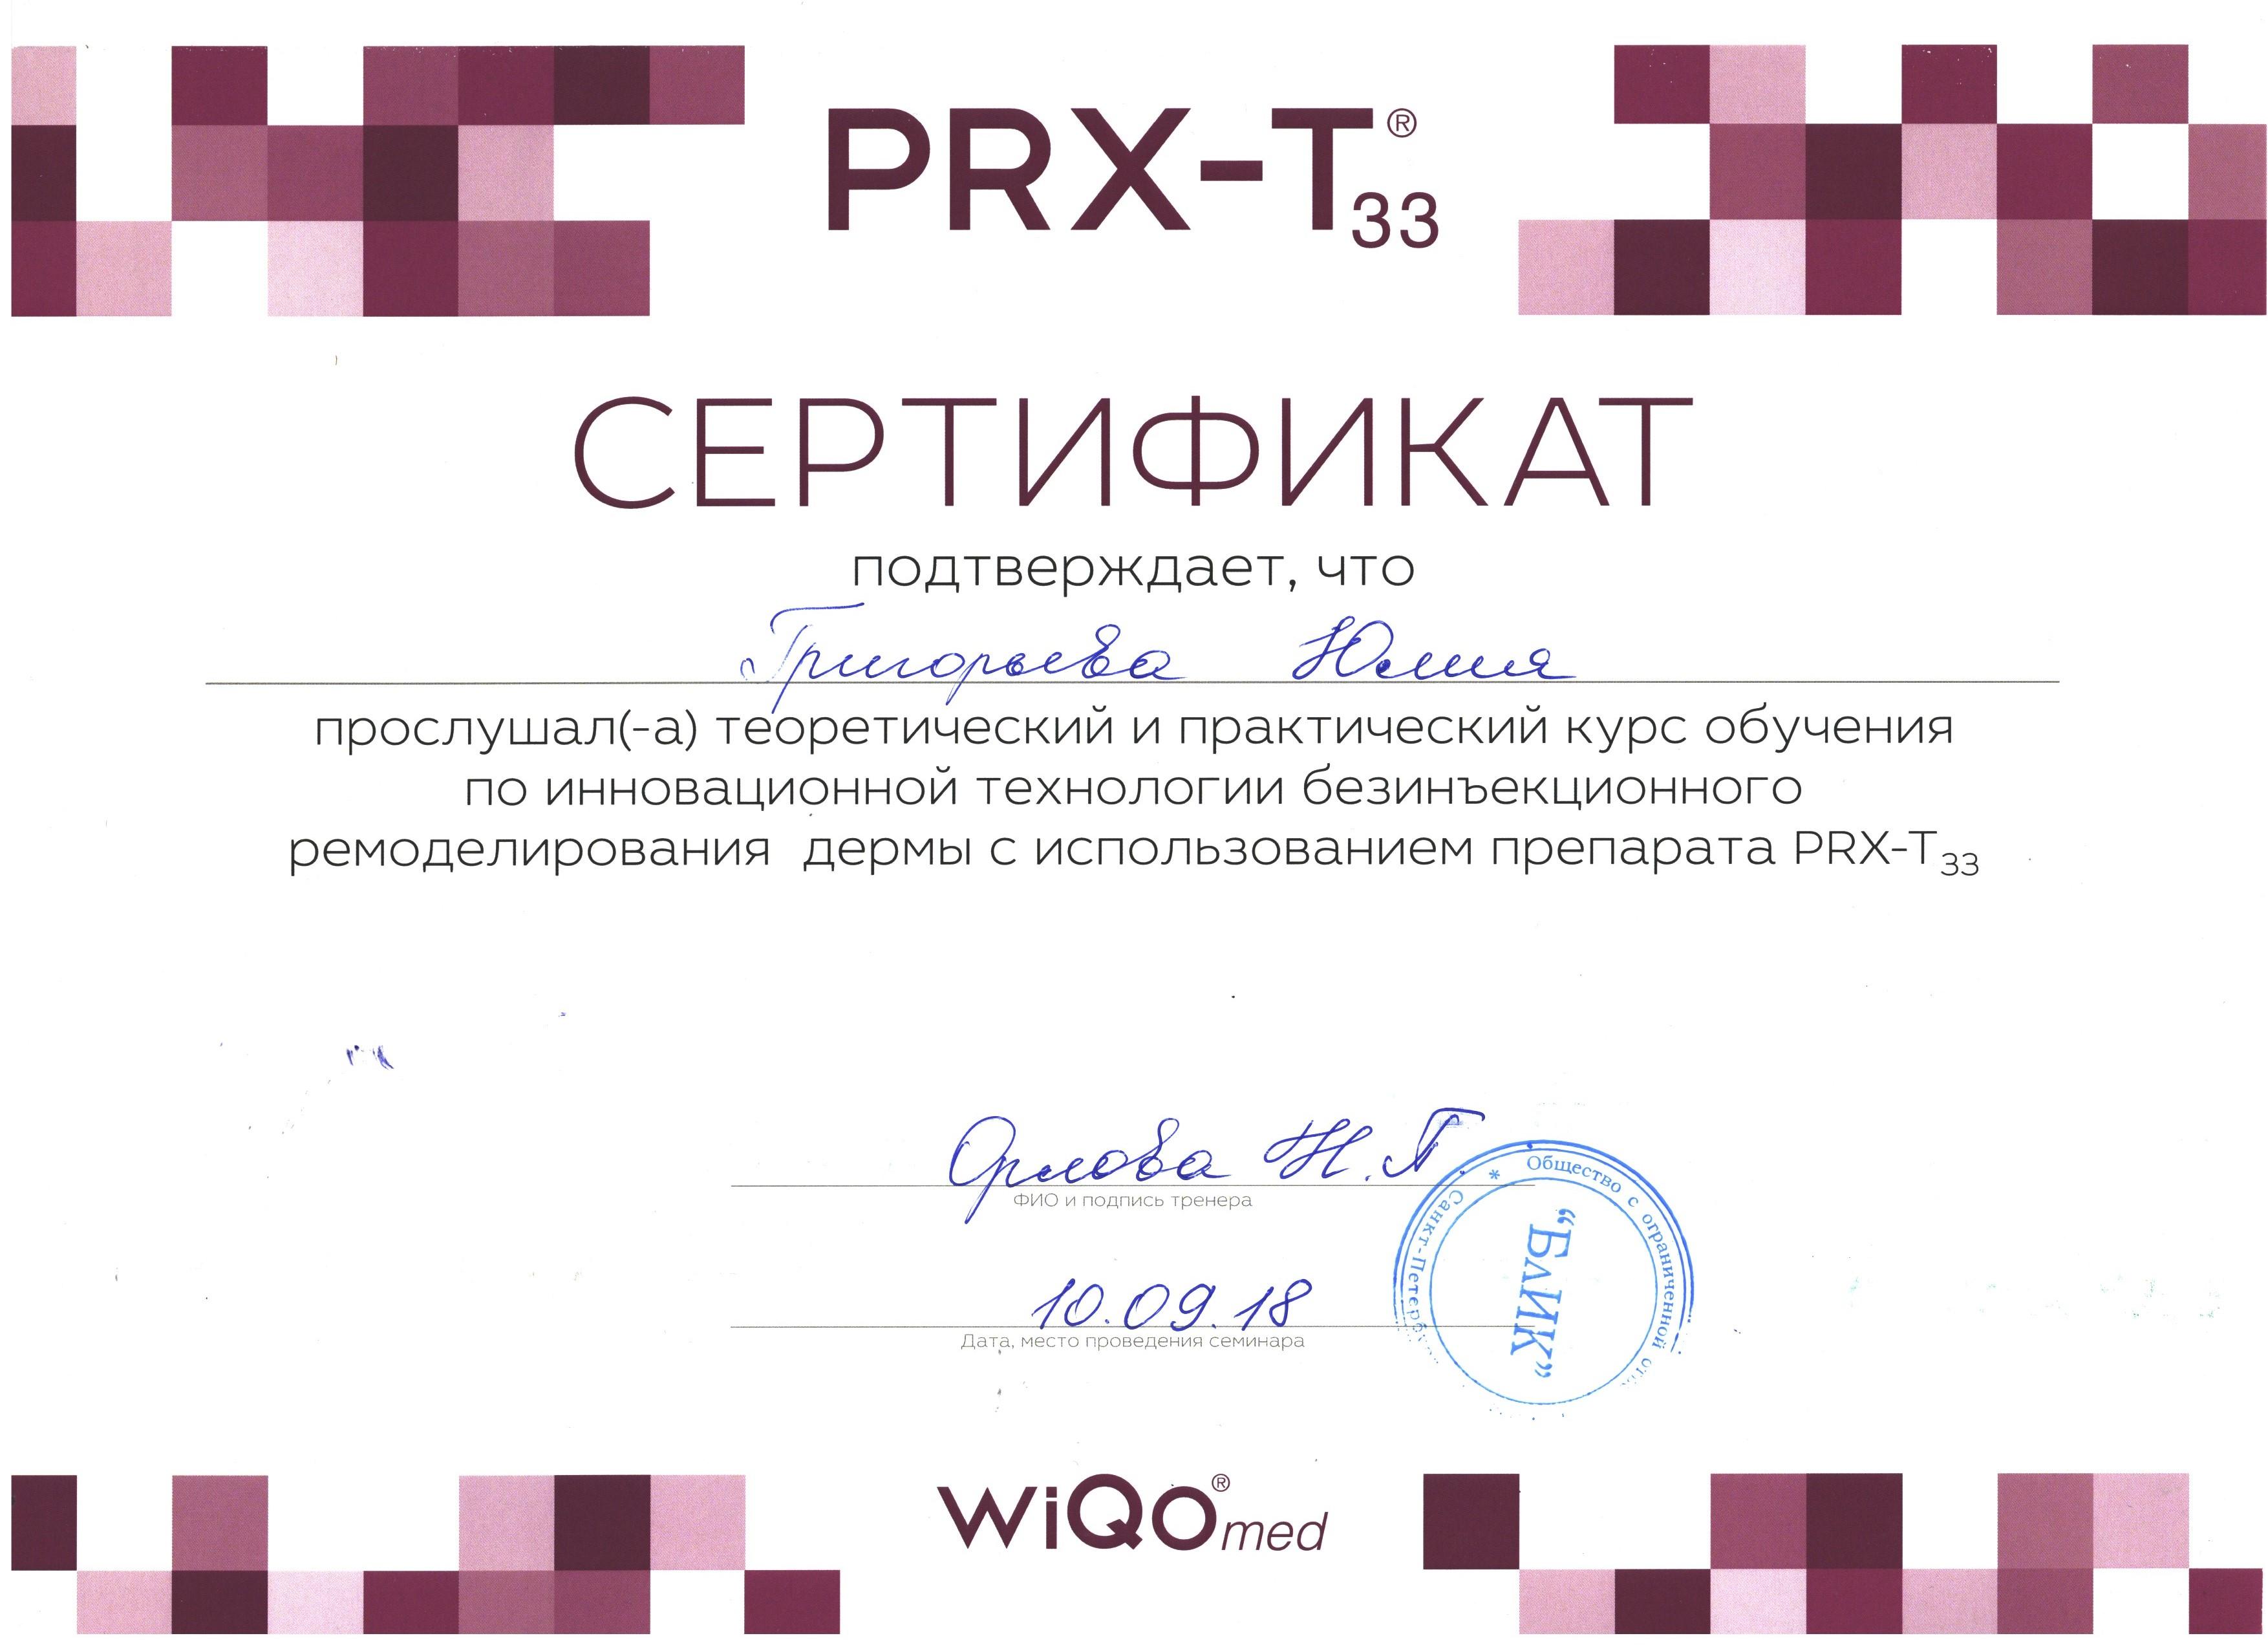 Сертификат — Применение препарата «PRX-T». Григорьева Юлия Ростиславовна